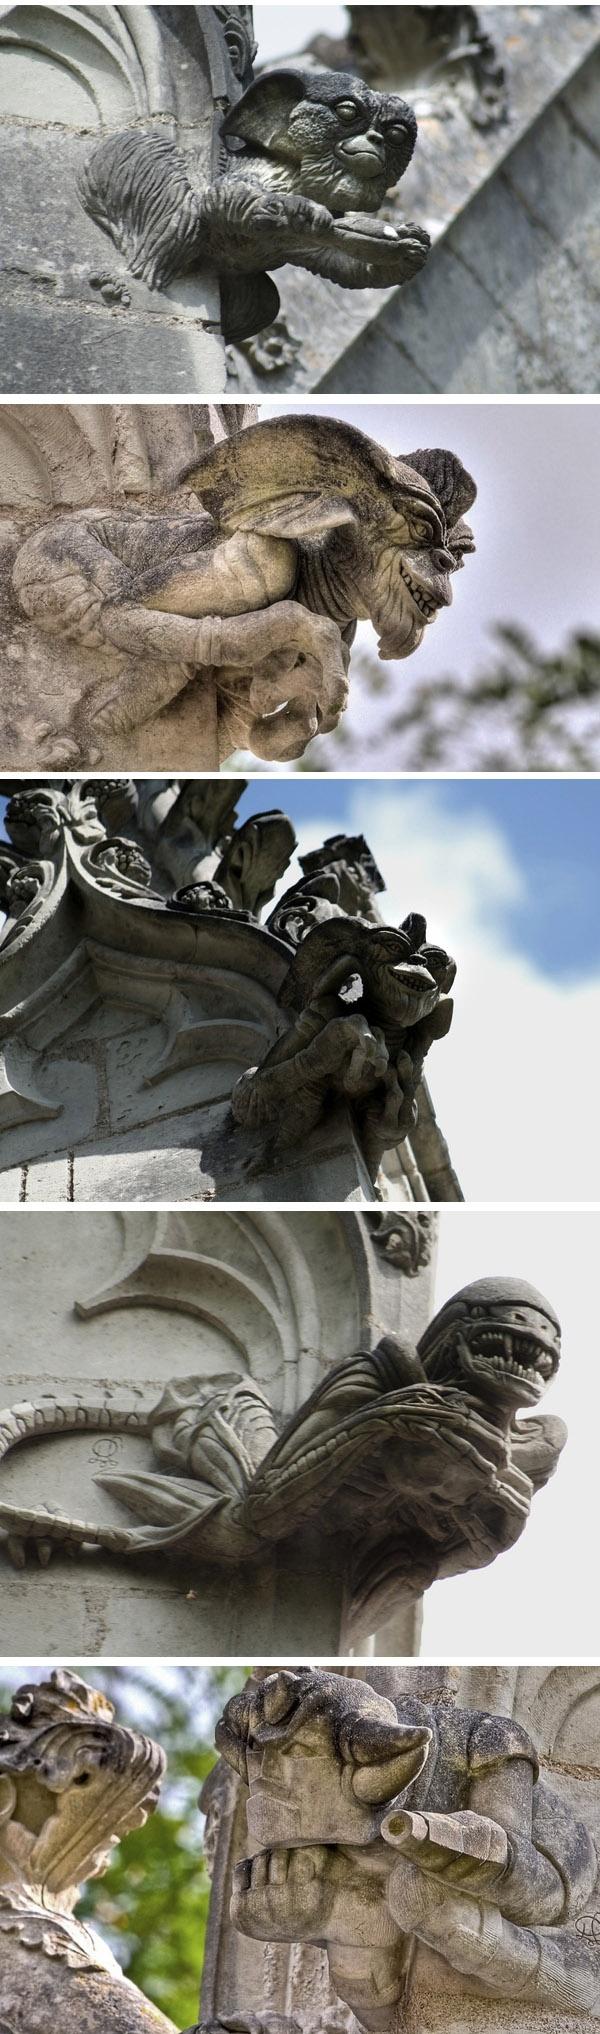 The Gremlins Chapel featuring Goldorak and Alien (Saint-Jean-de-Boiseau, France)